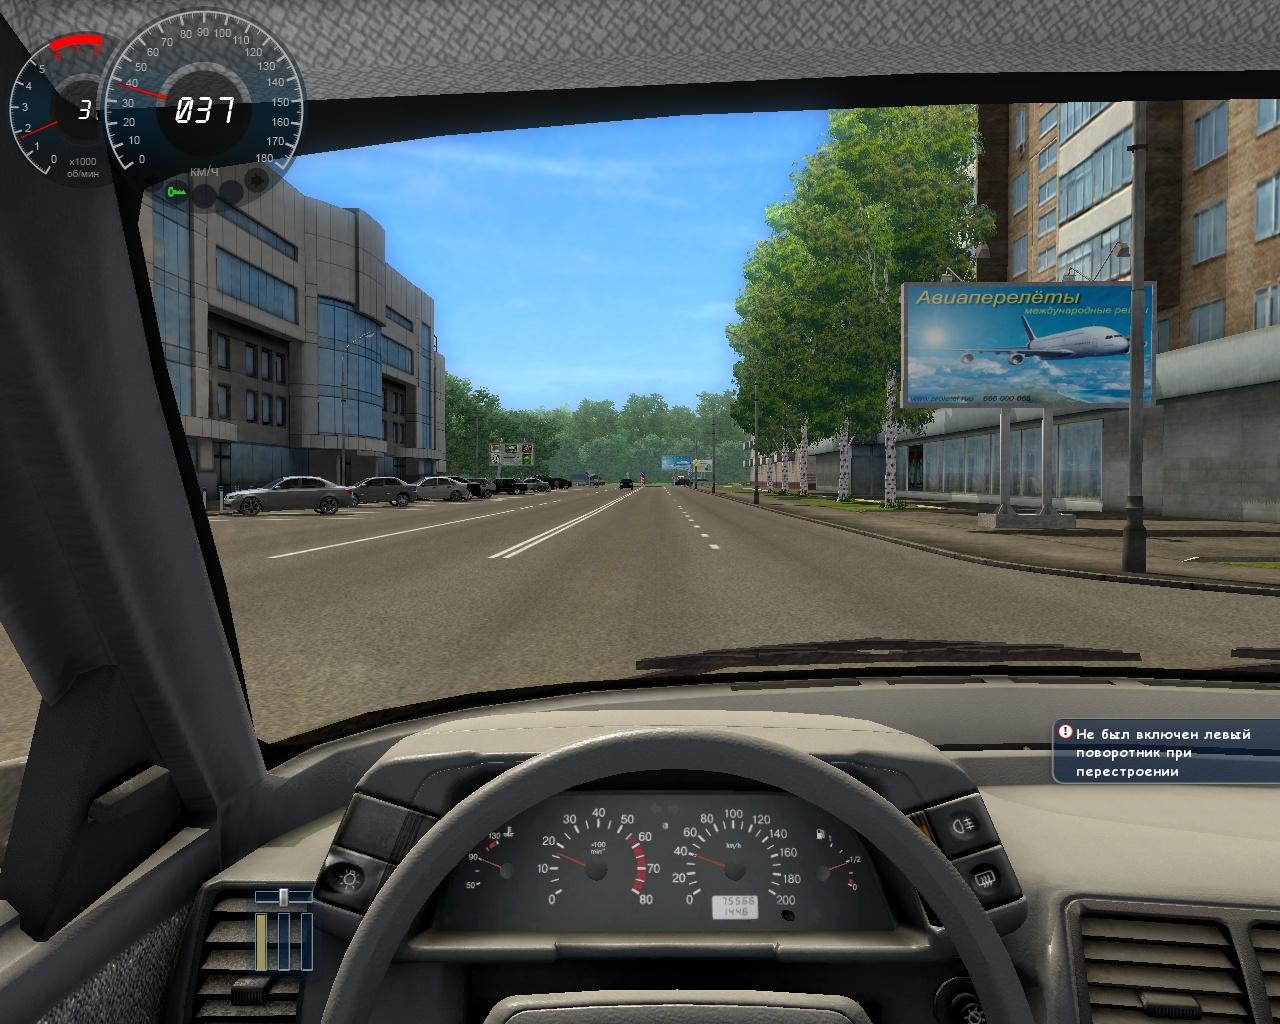 Скачать учебный автосимулятор 2 на компьютер бесплатно